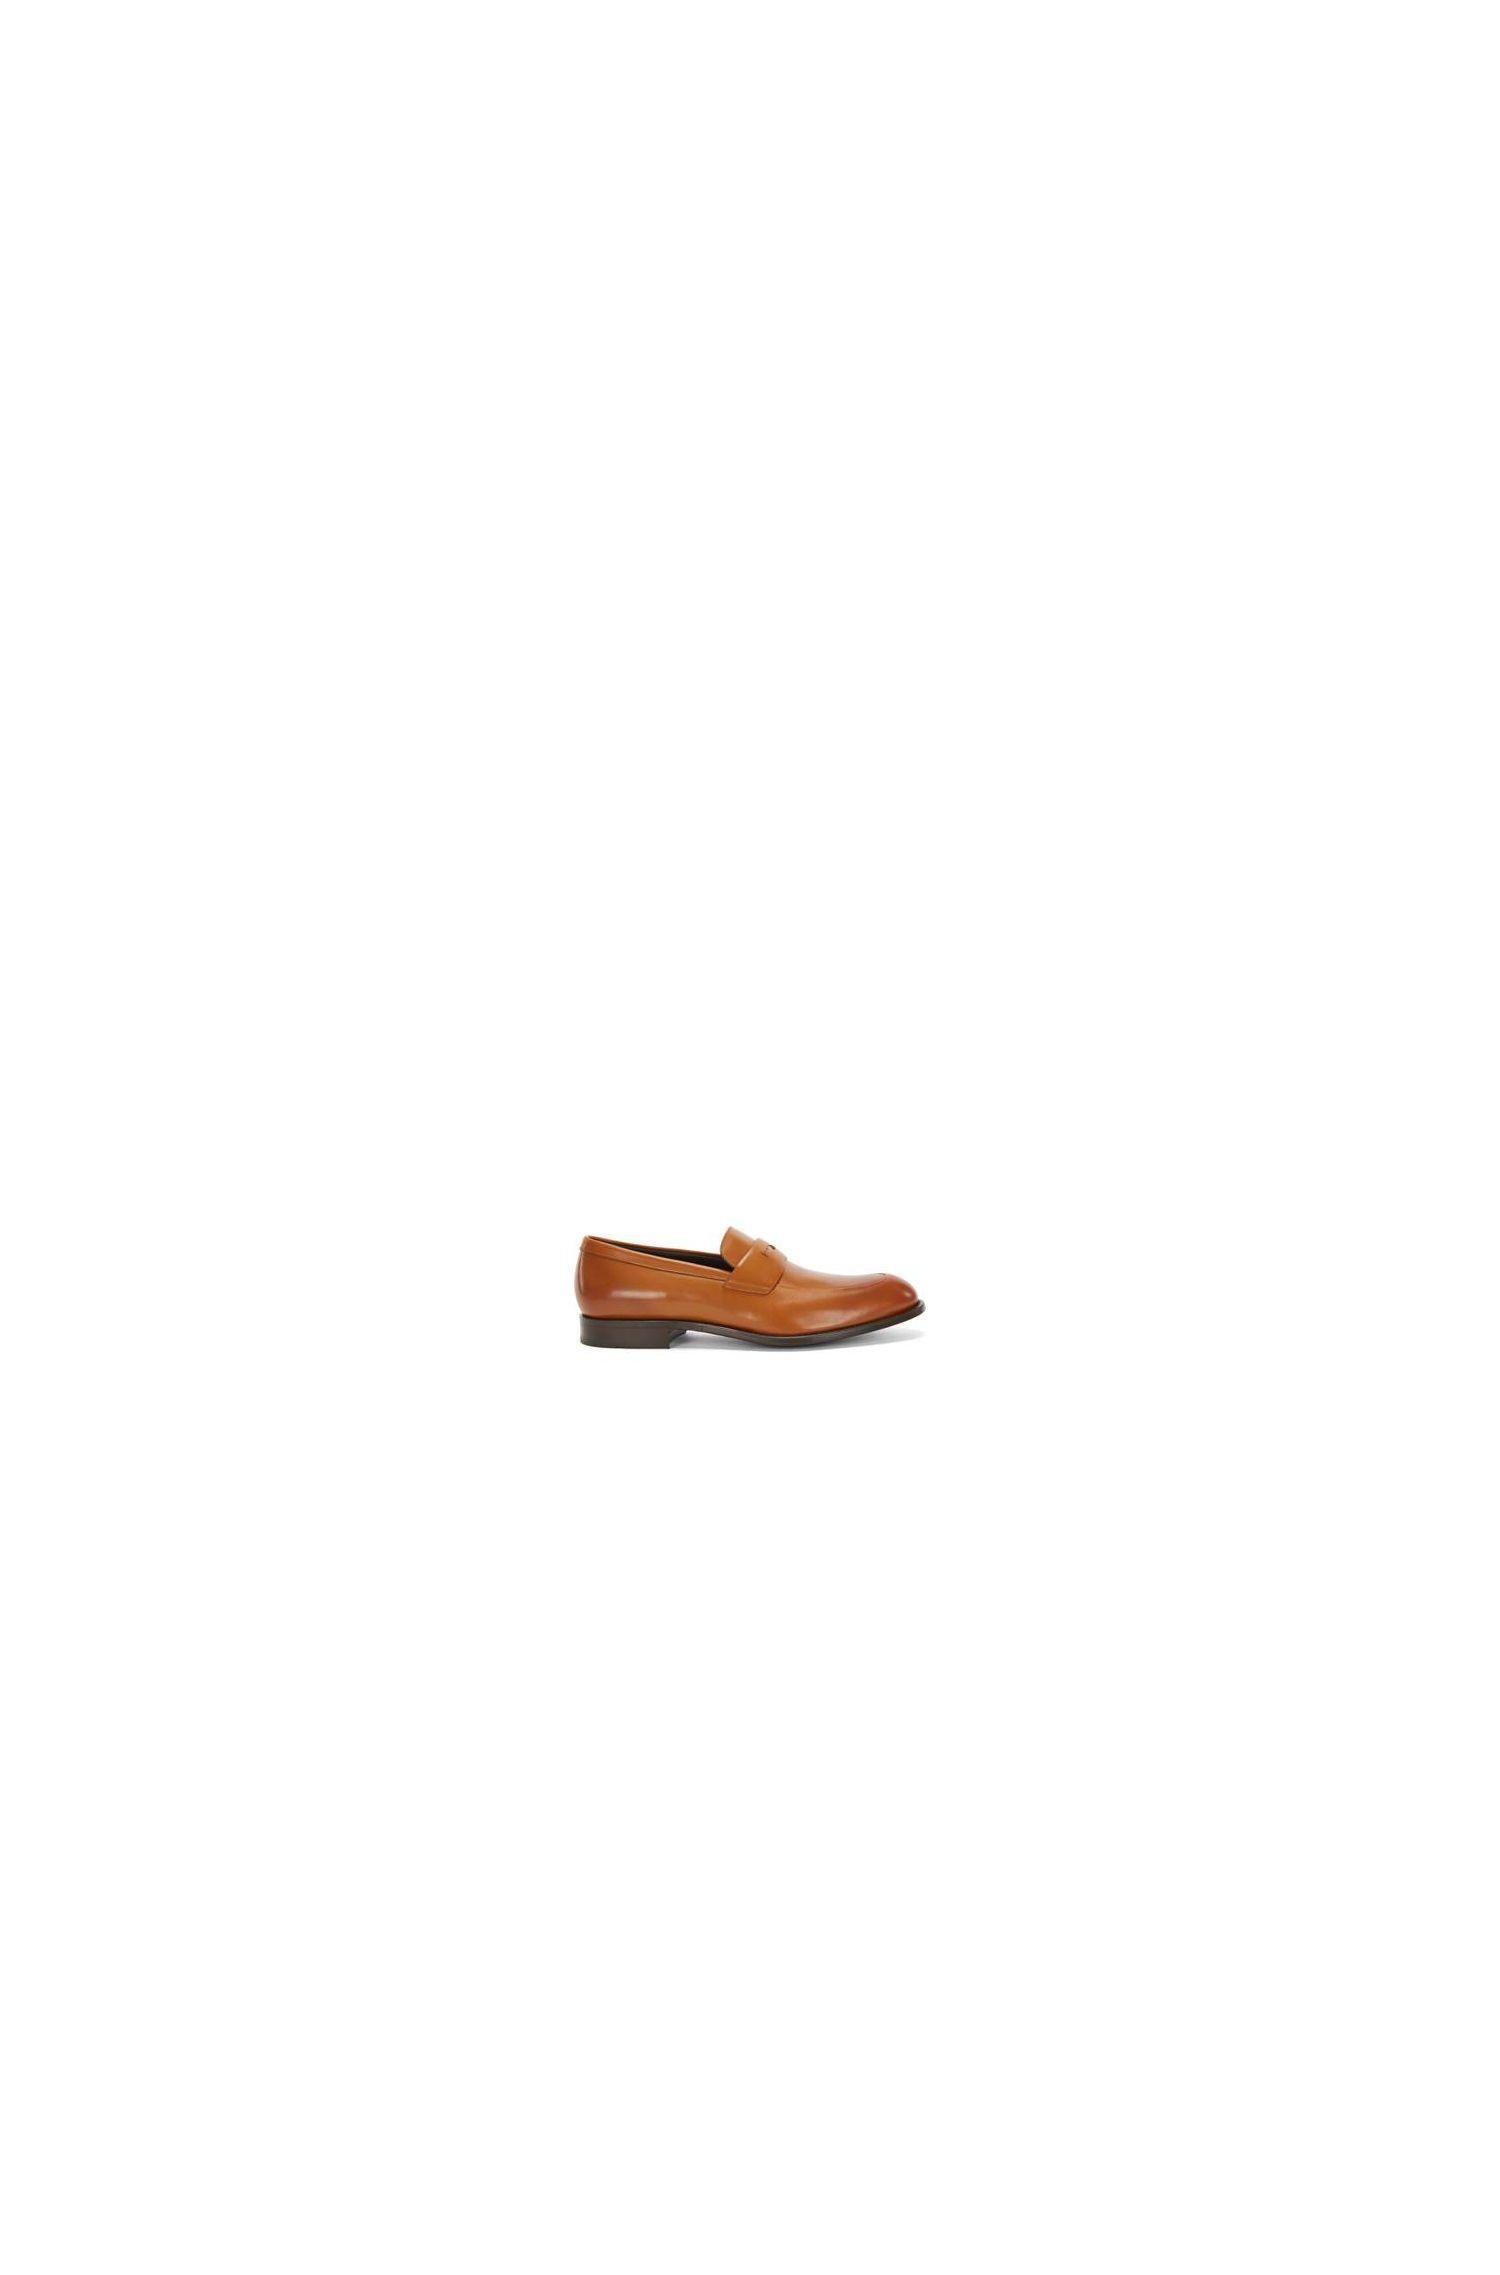 Italian Leather Penny Loafer Dress Shoe | Stockholm Loaf Apst